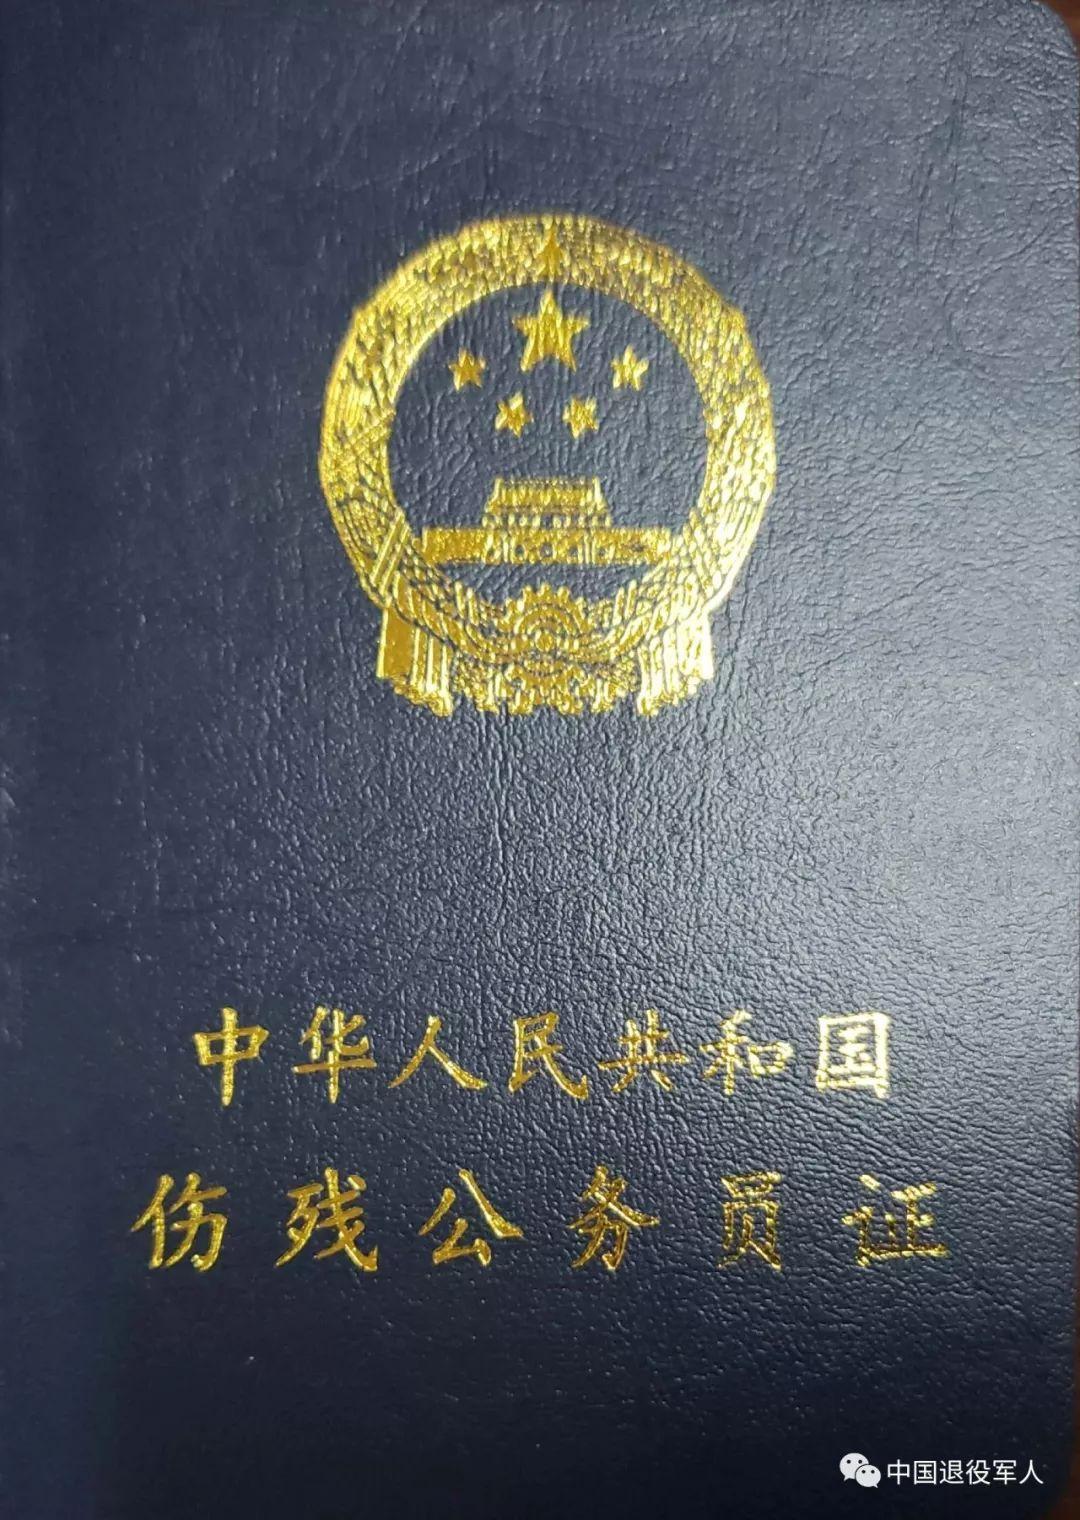 现在的伤残人民警察证,残疾军人证,伤残公务员证封面样式.